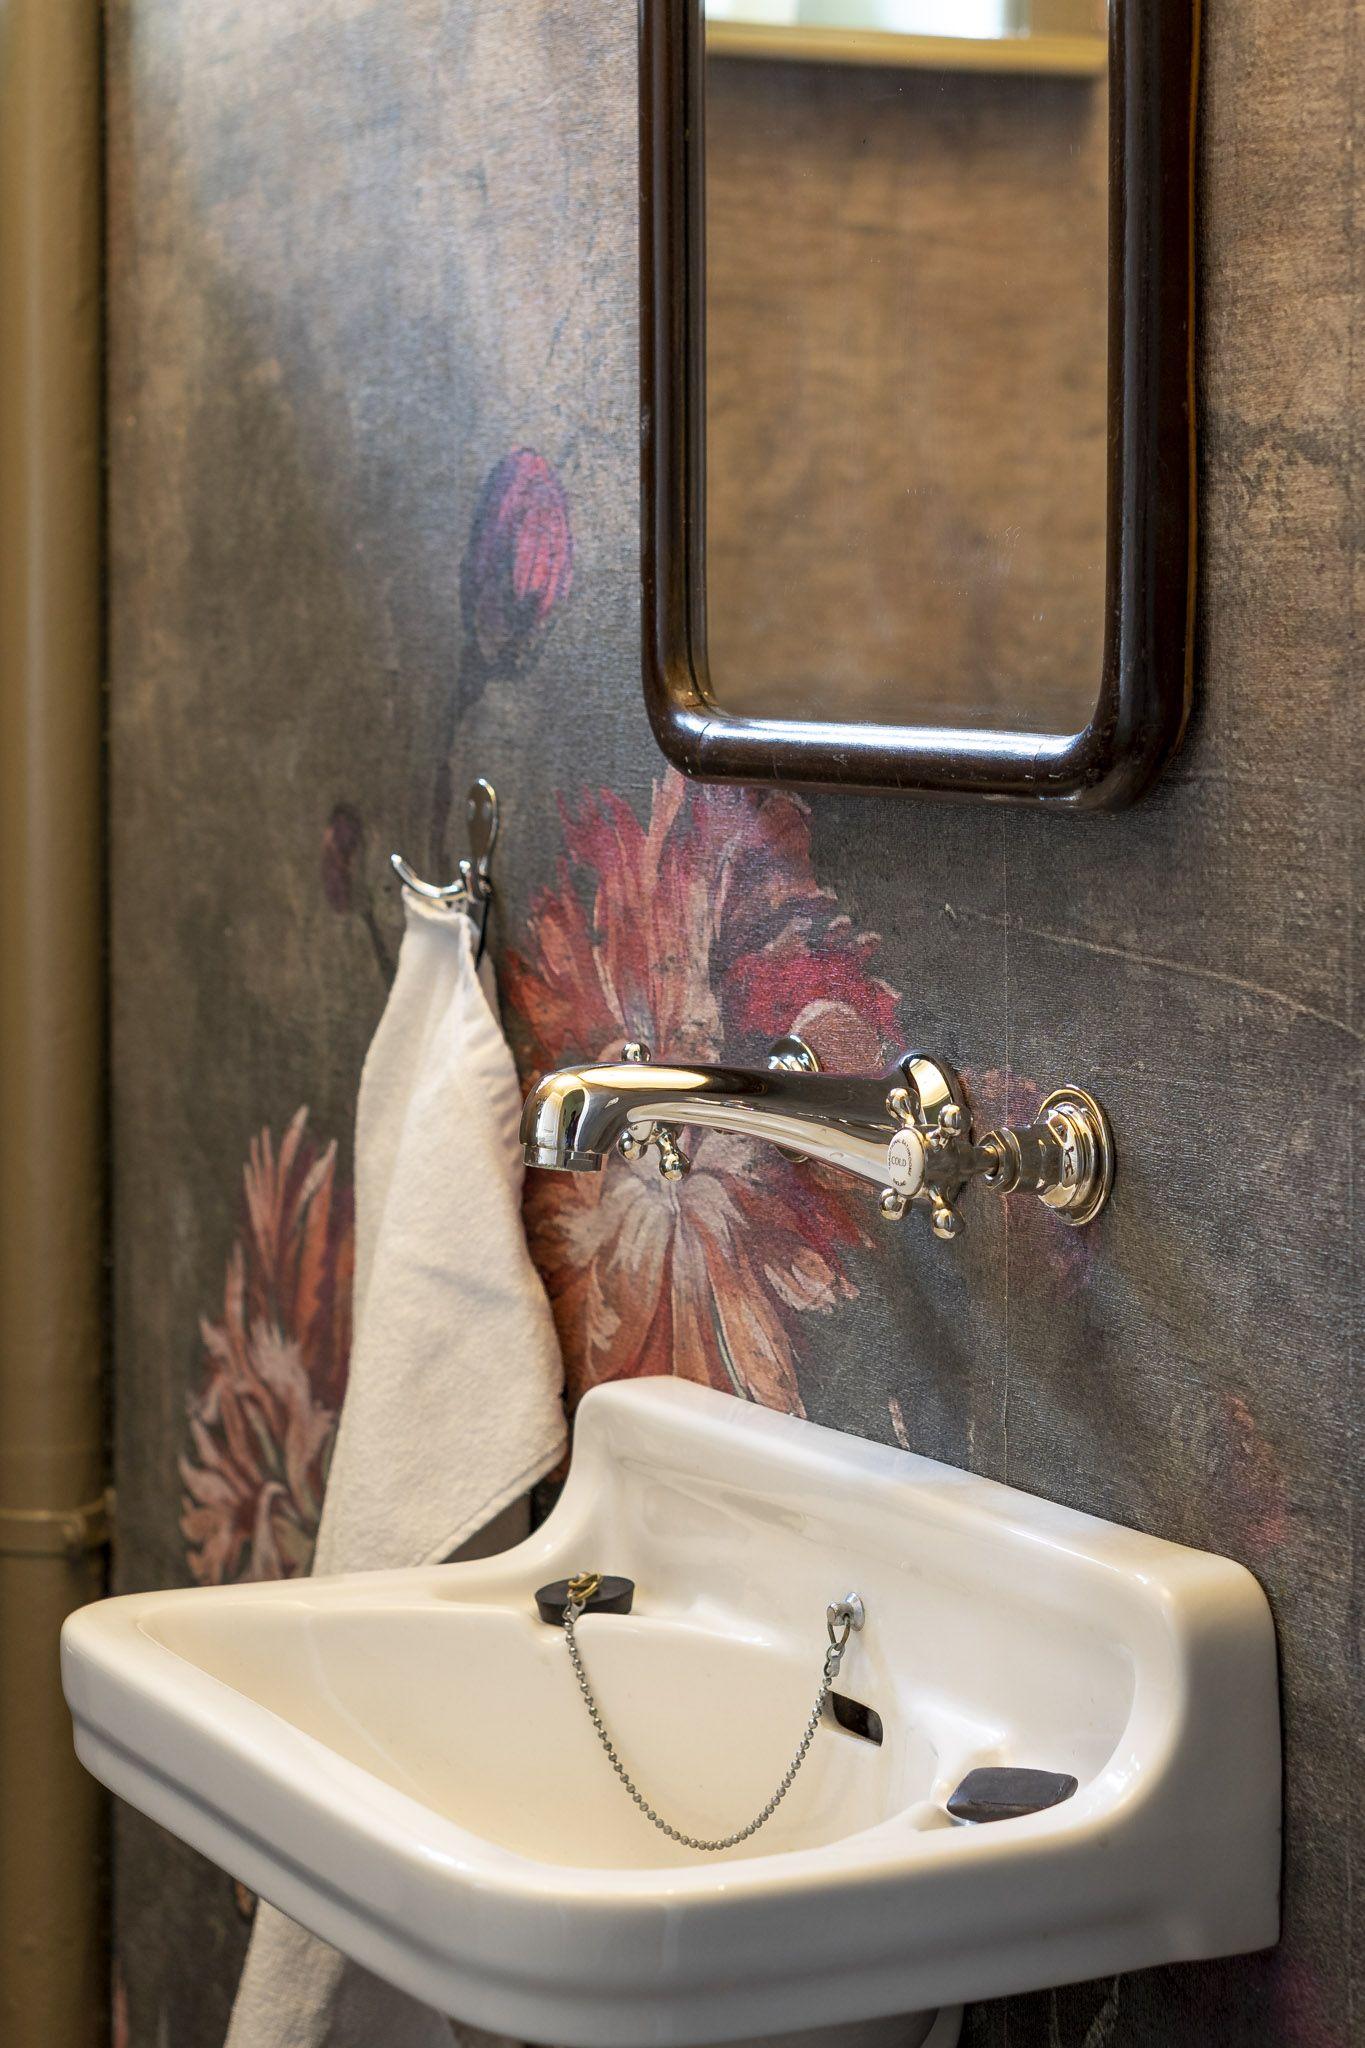 Retro Waschtisch Armaturen Bad Waschbecken Armaturen Badarmaturen